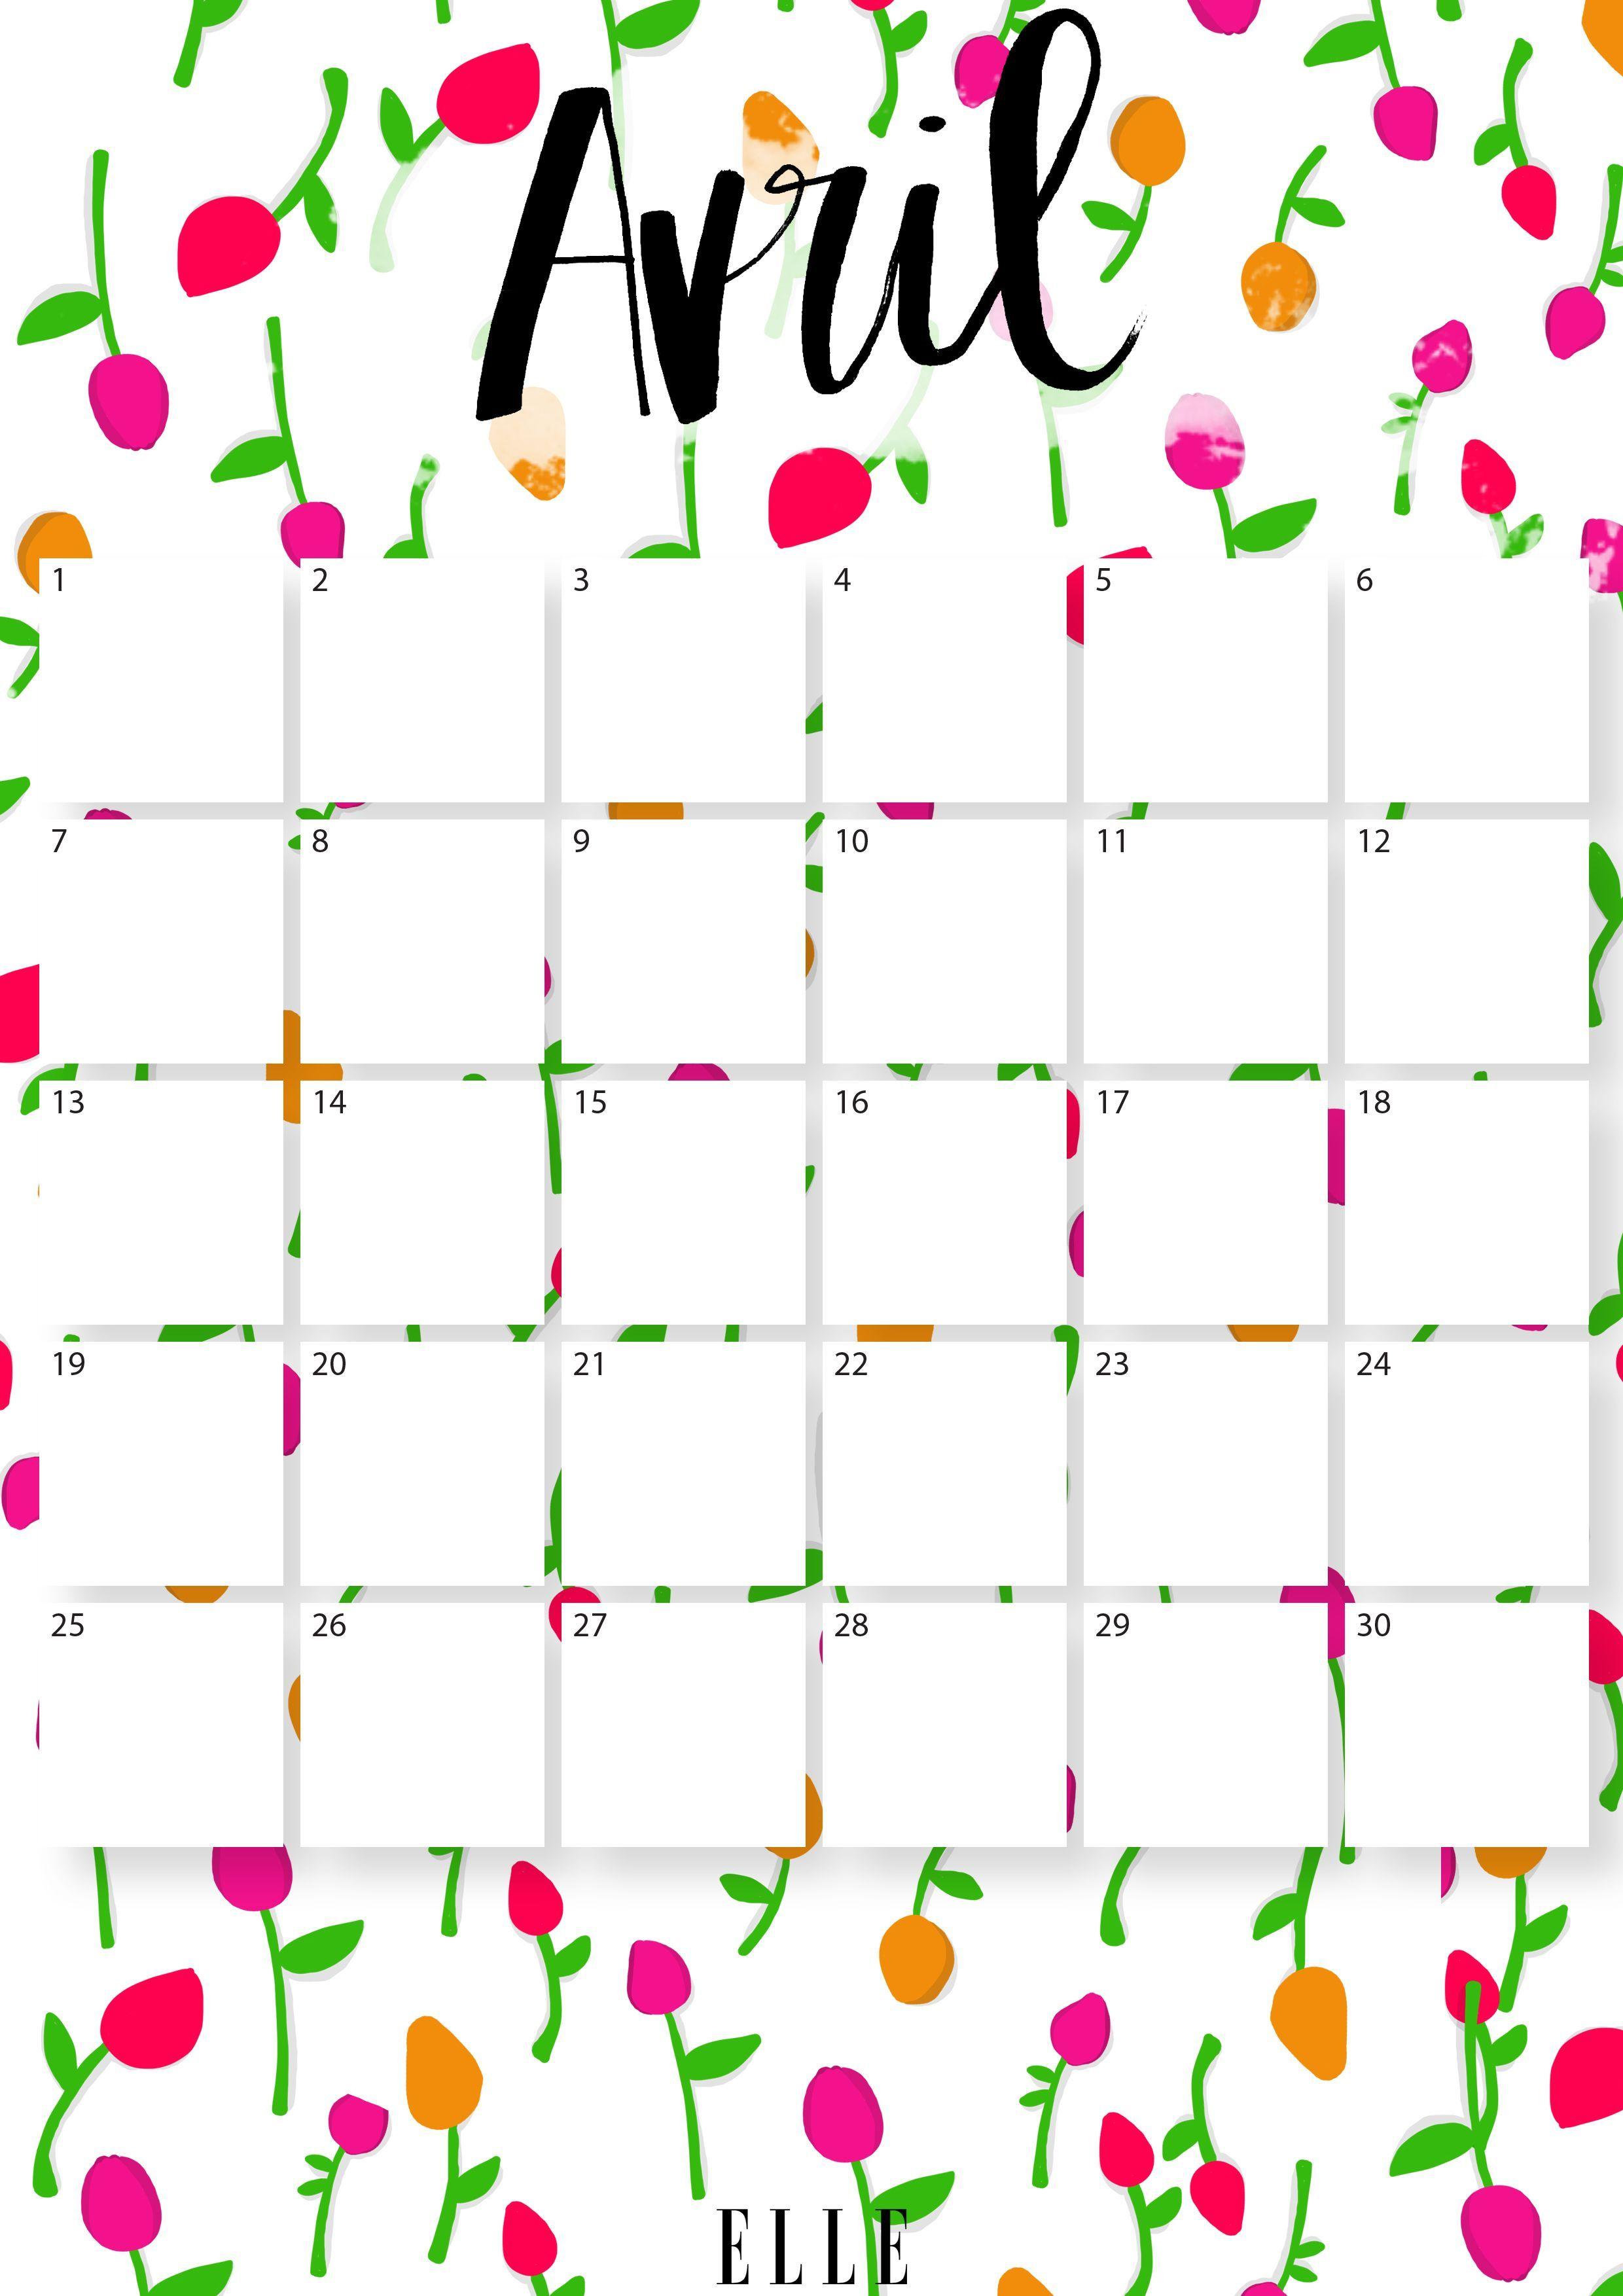 Avril_calendrier